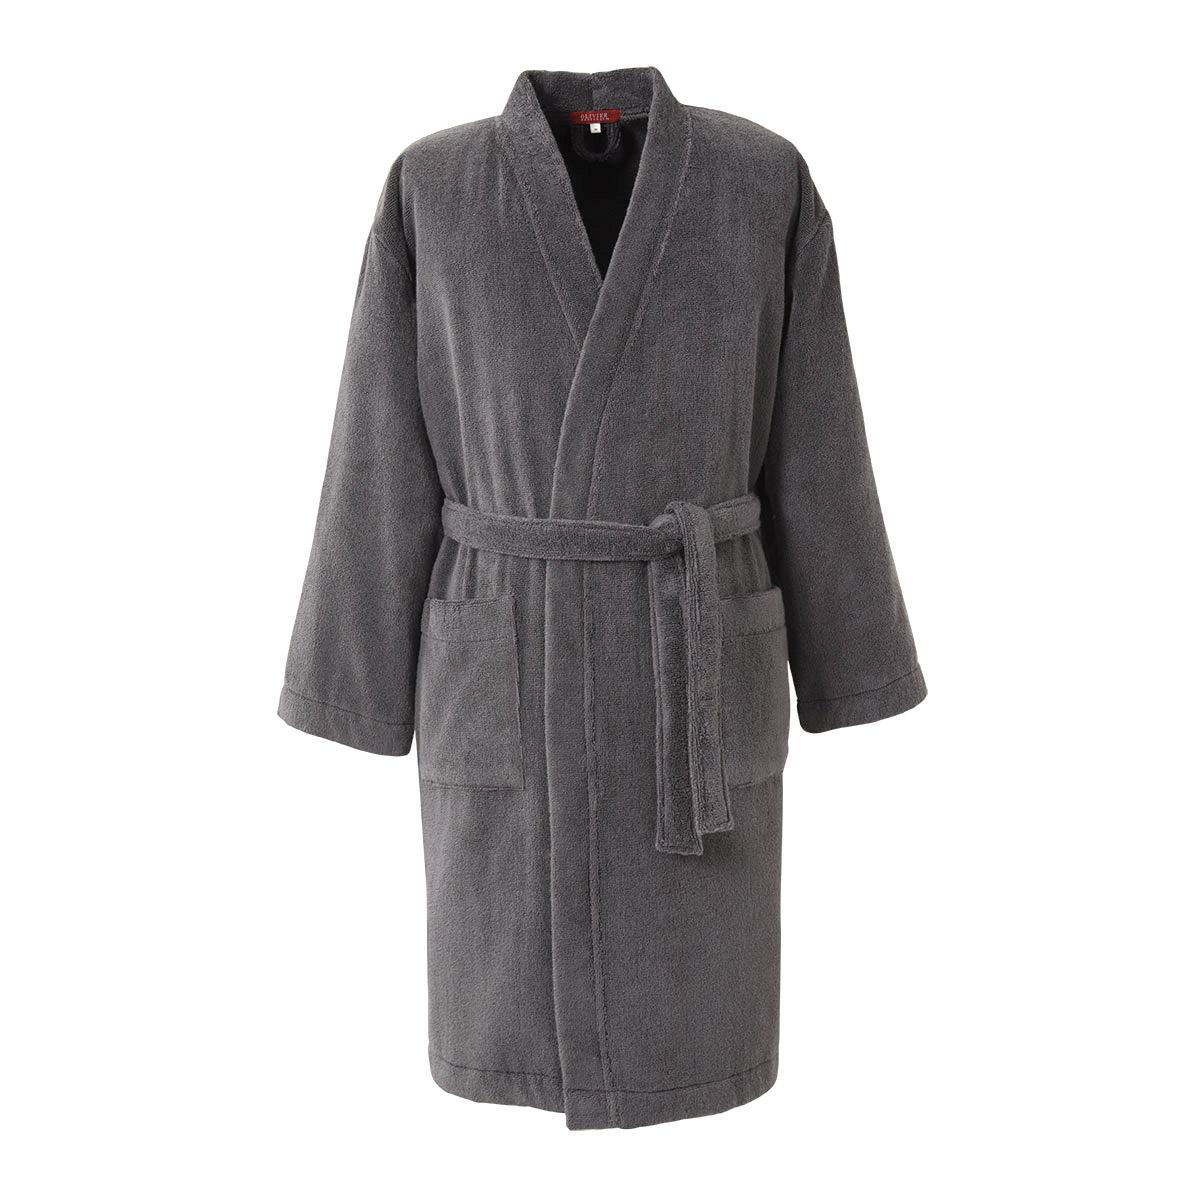 Kimono coton peigné Anthracite L (photo)